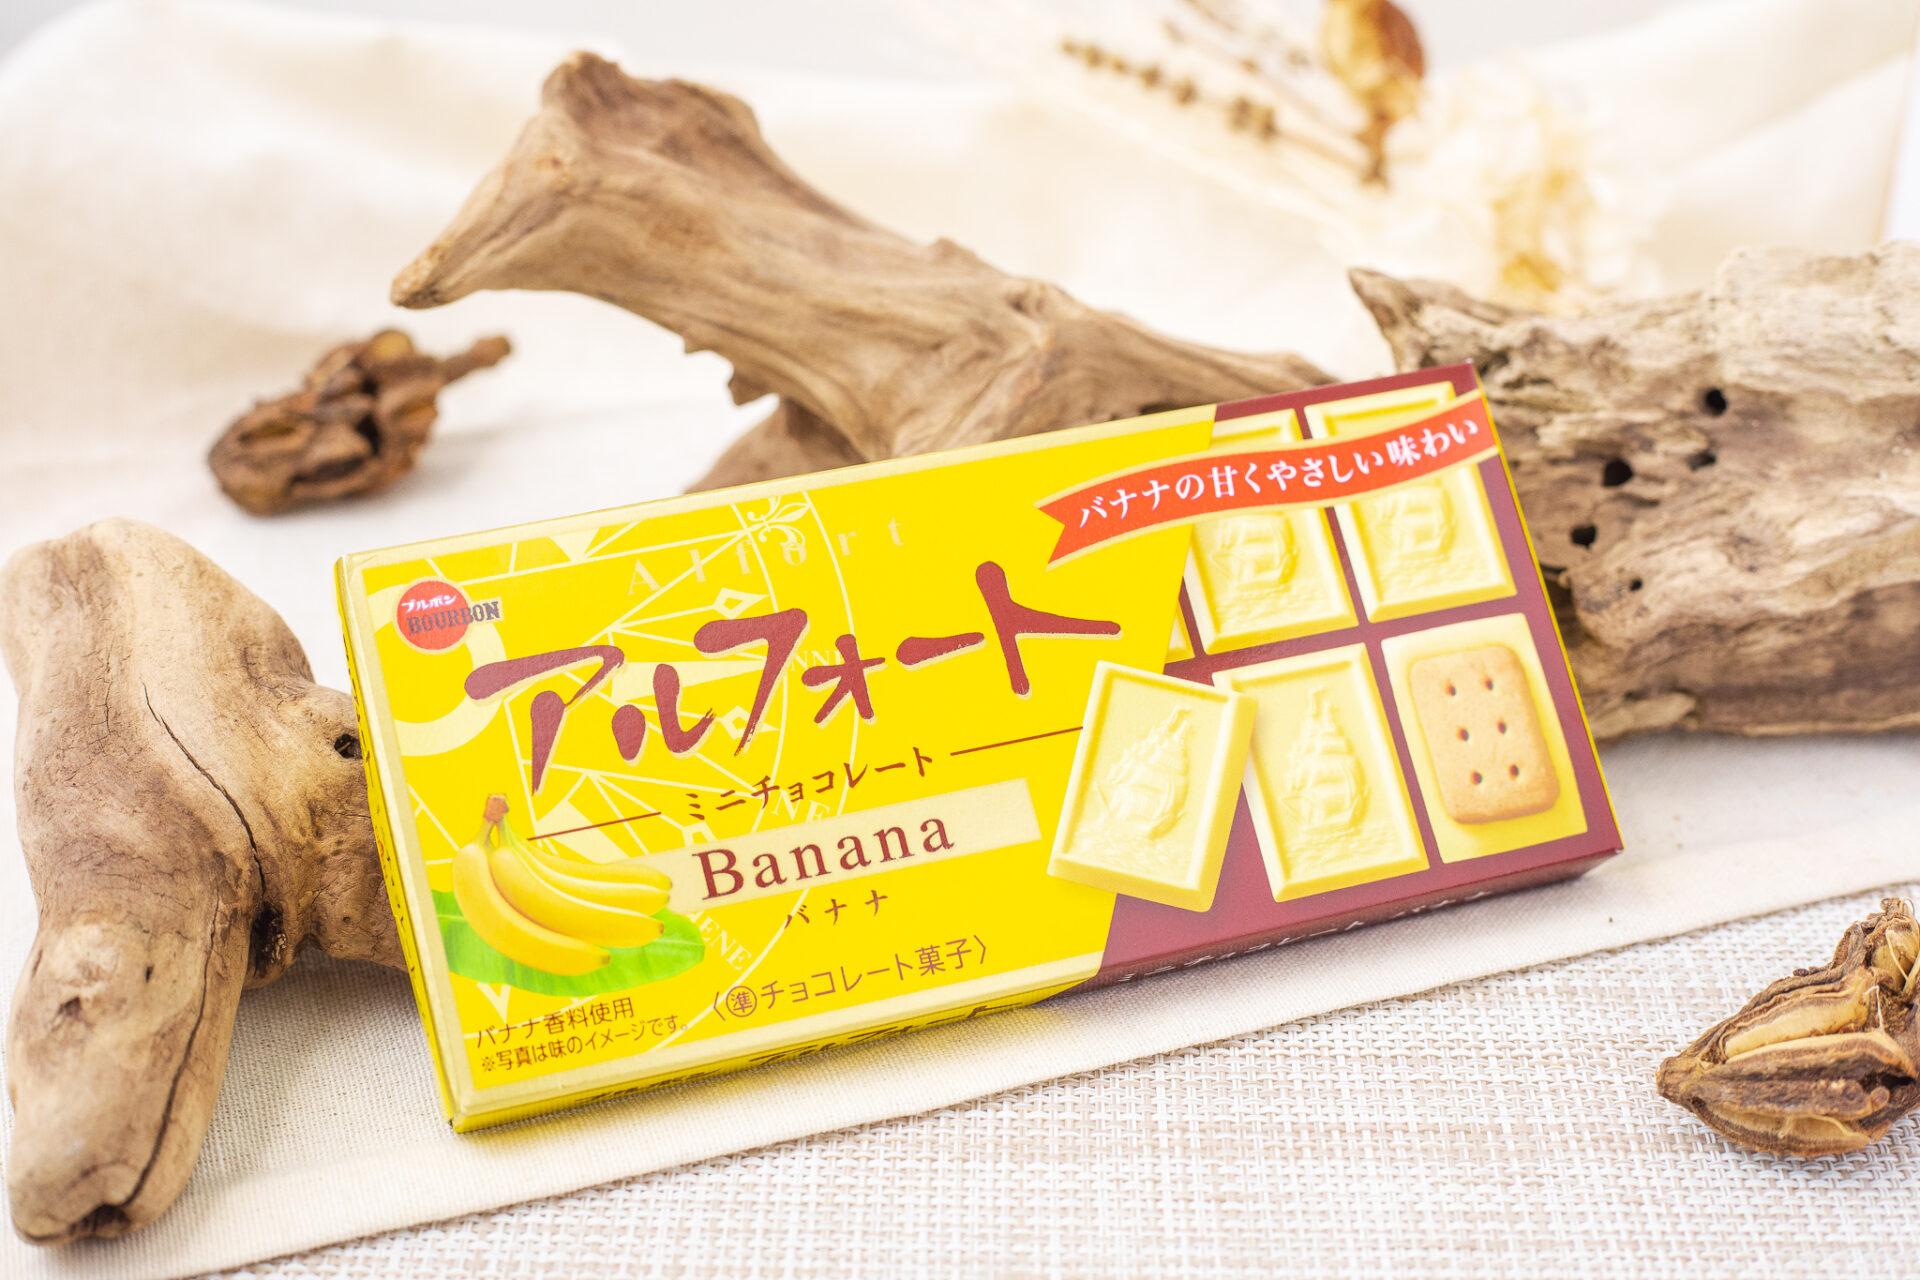 ブルボン『アルフォートミニチョコレートバナナ』